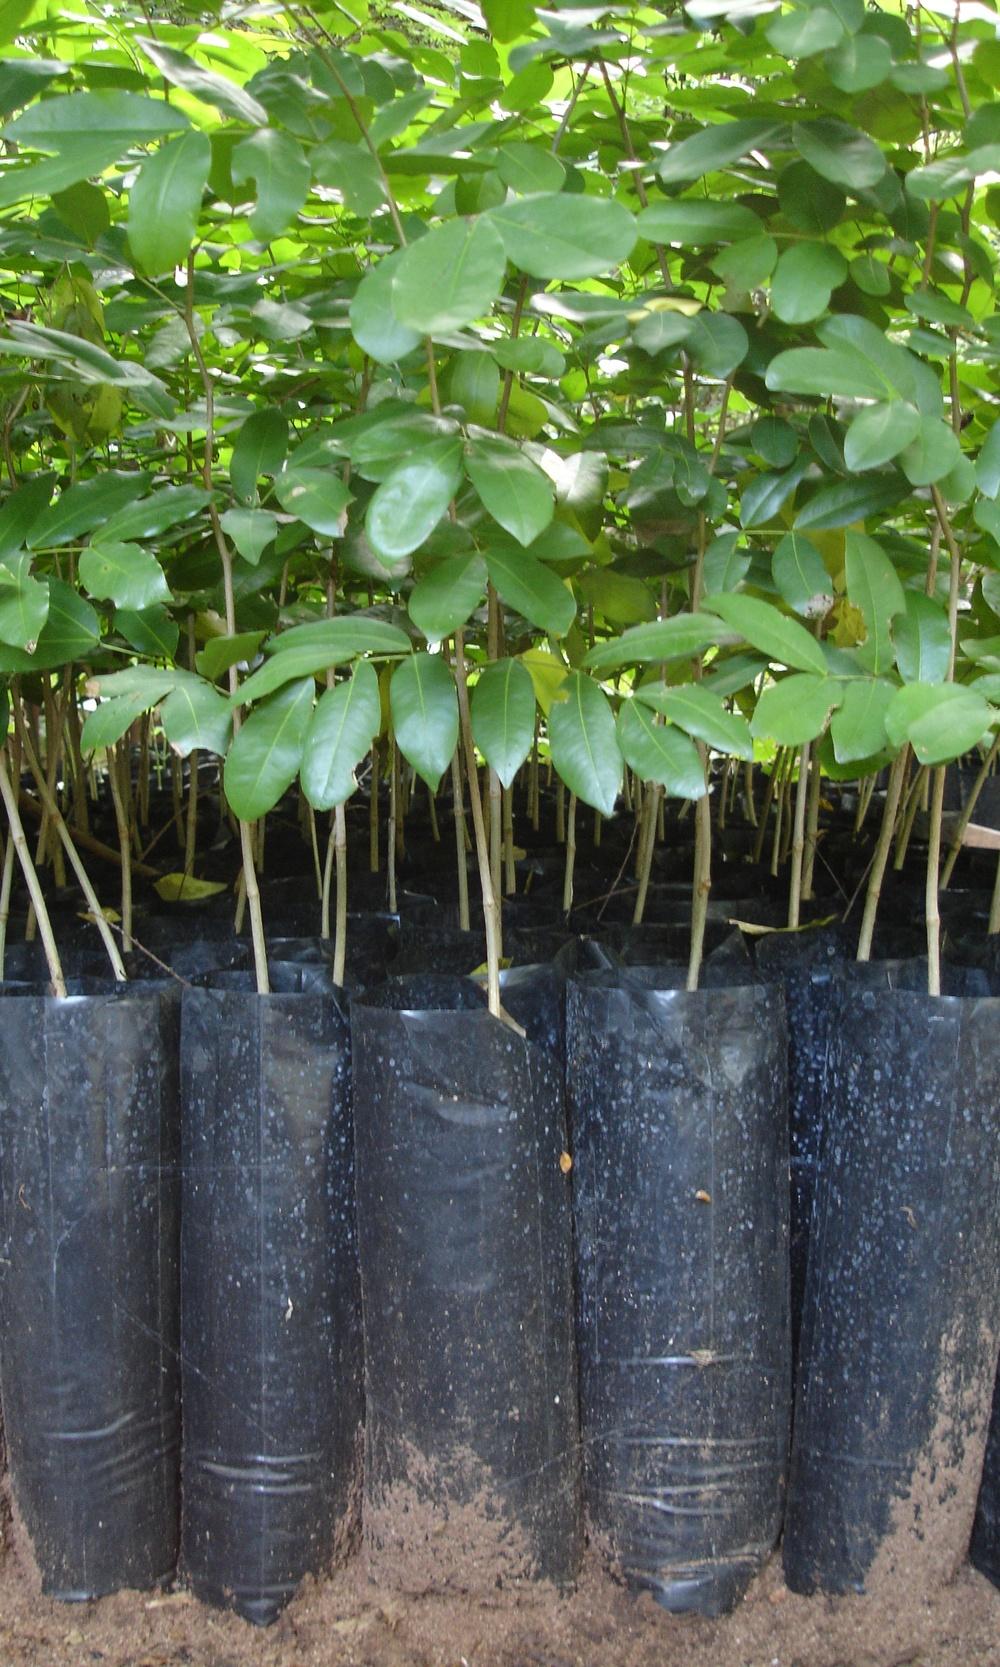 Chanfuta saplings